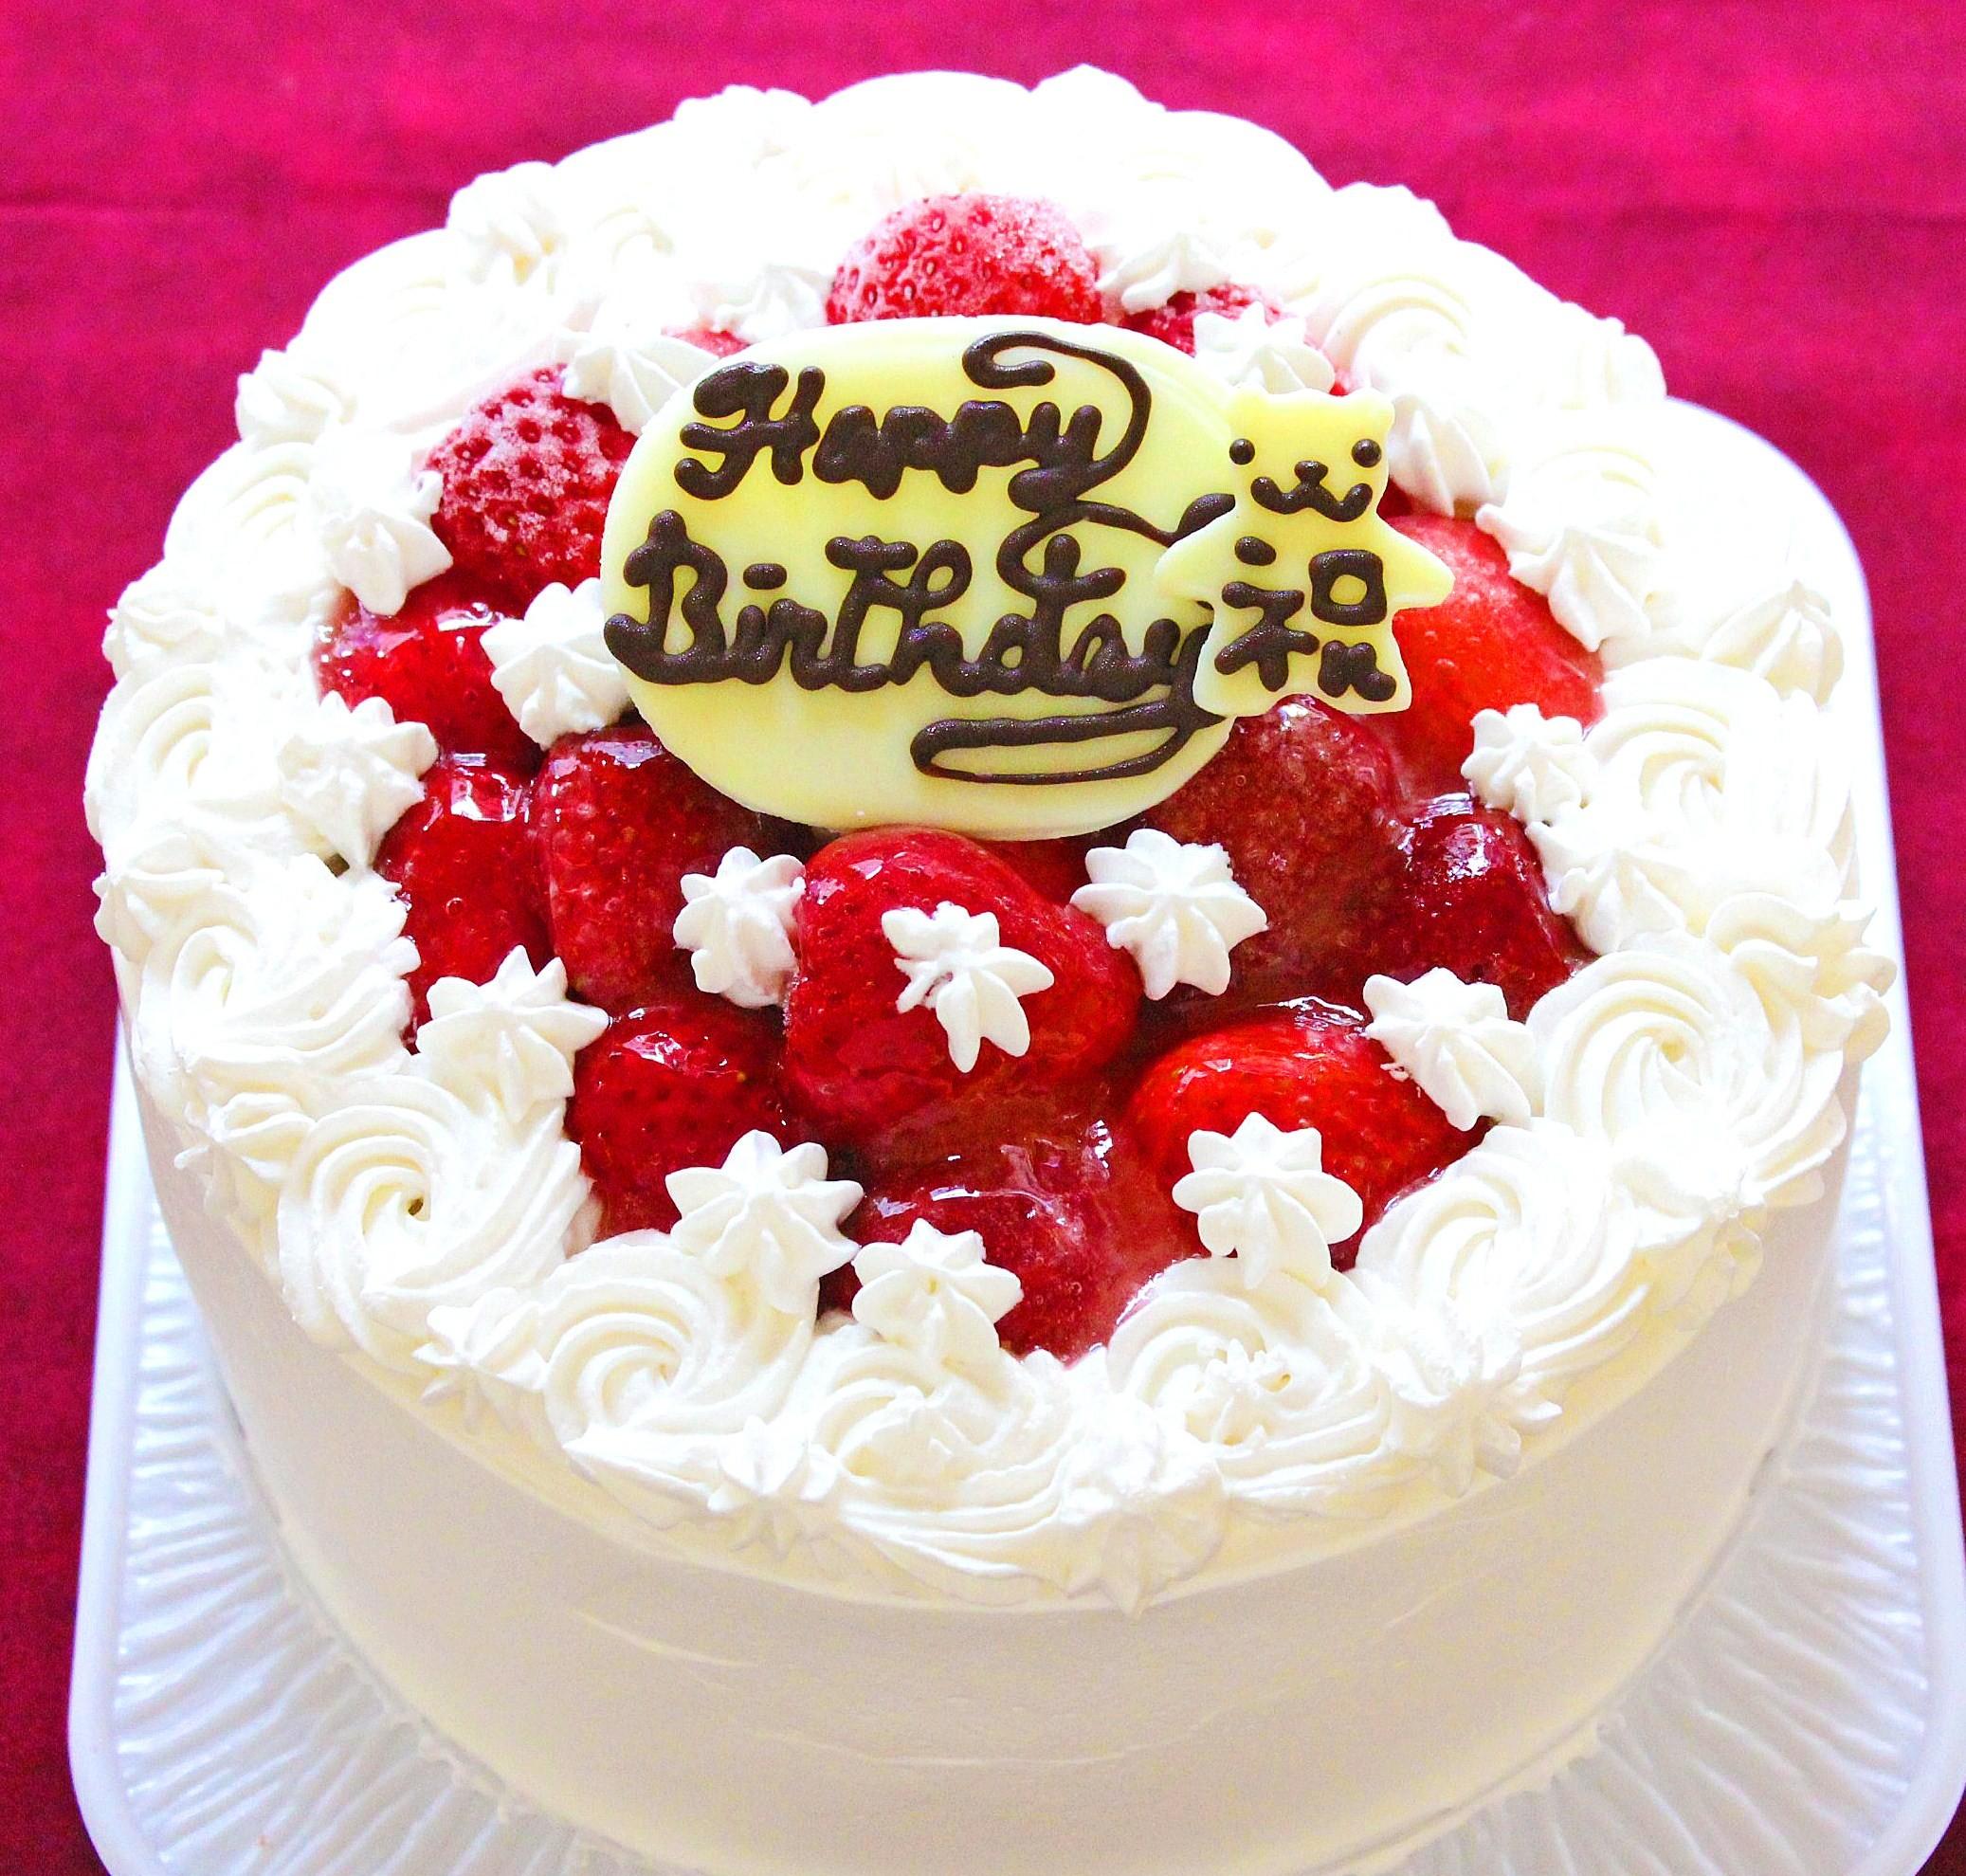 北海道生クリーム使用☆苺のデコレーションケーキ  4号の画像1枚目